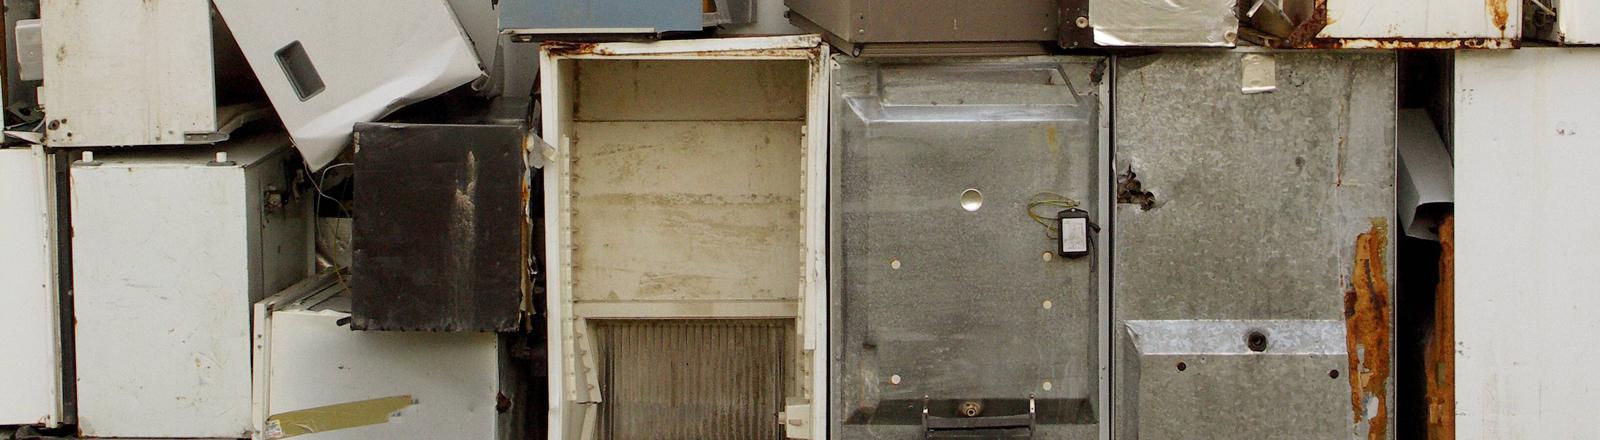 Alte Kühlschränke